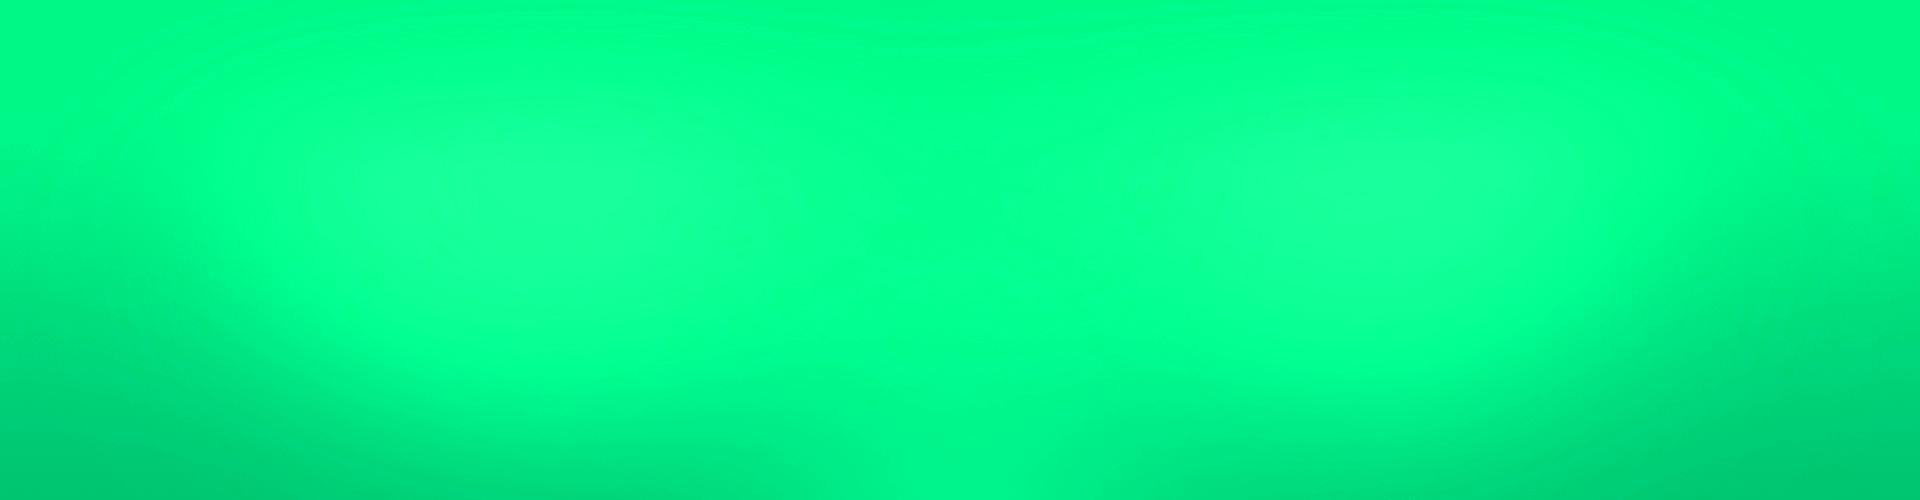 لوله داربستی, لوله داربست, قیمت لوله داربستی, قیمت لوله داربستی 5, قیمت لوله داربستی سنگین, قیمت لوله داربست روز وزن لوله داربست سبک, لوله داربستی سبک, لوله داربست, اسکافلد داربست لوله ای, لوله داربستی قیمت, لوله داربستی اصفهان, لوله داربست استاندارد لوله داربستی چیست, لوله داربستی شادآباد, لوله داربست اهواز,لوله داربست